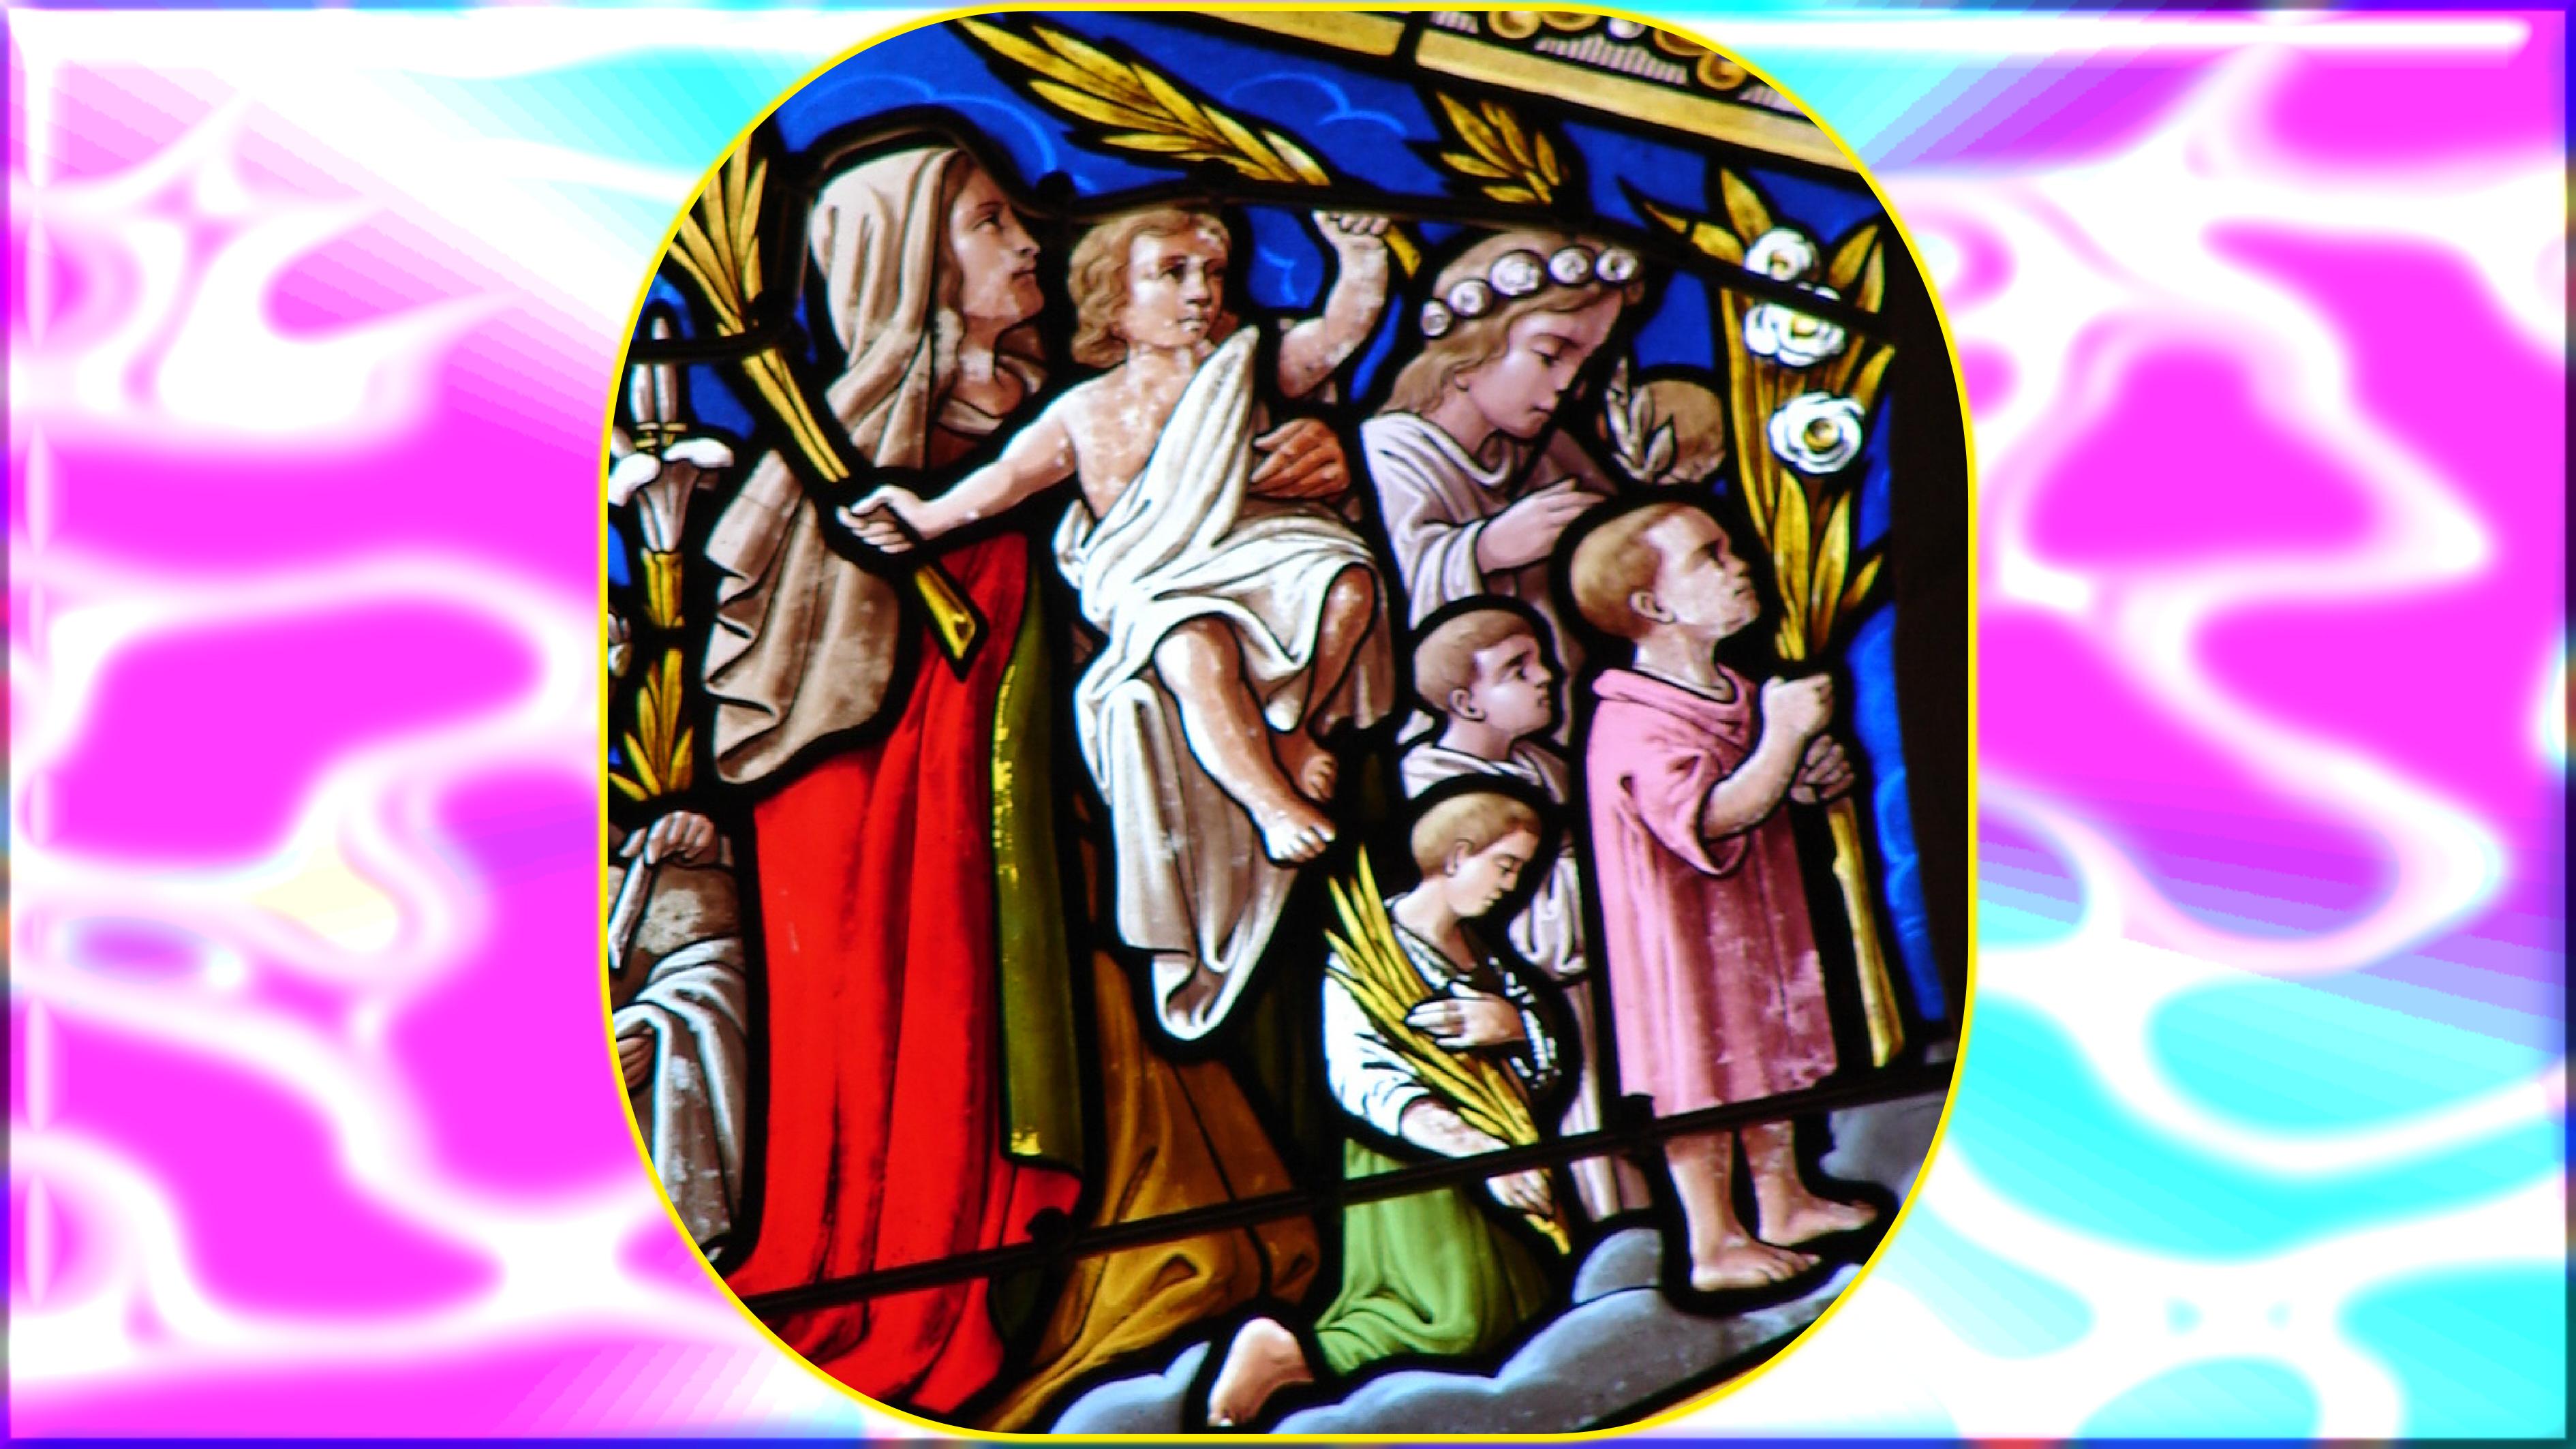 CALENDRIER CATHOLIQUE 2019 (Cantiques, Prières & Images) - Page 19 Les-saints-innocents-56e63d3